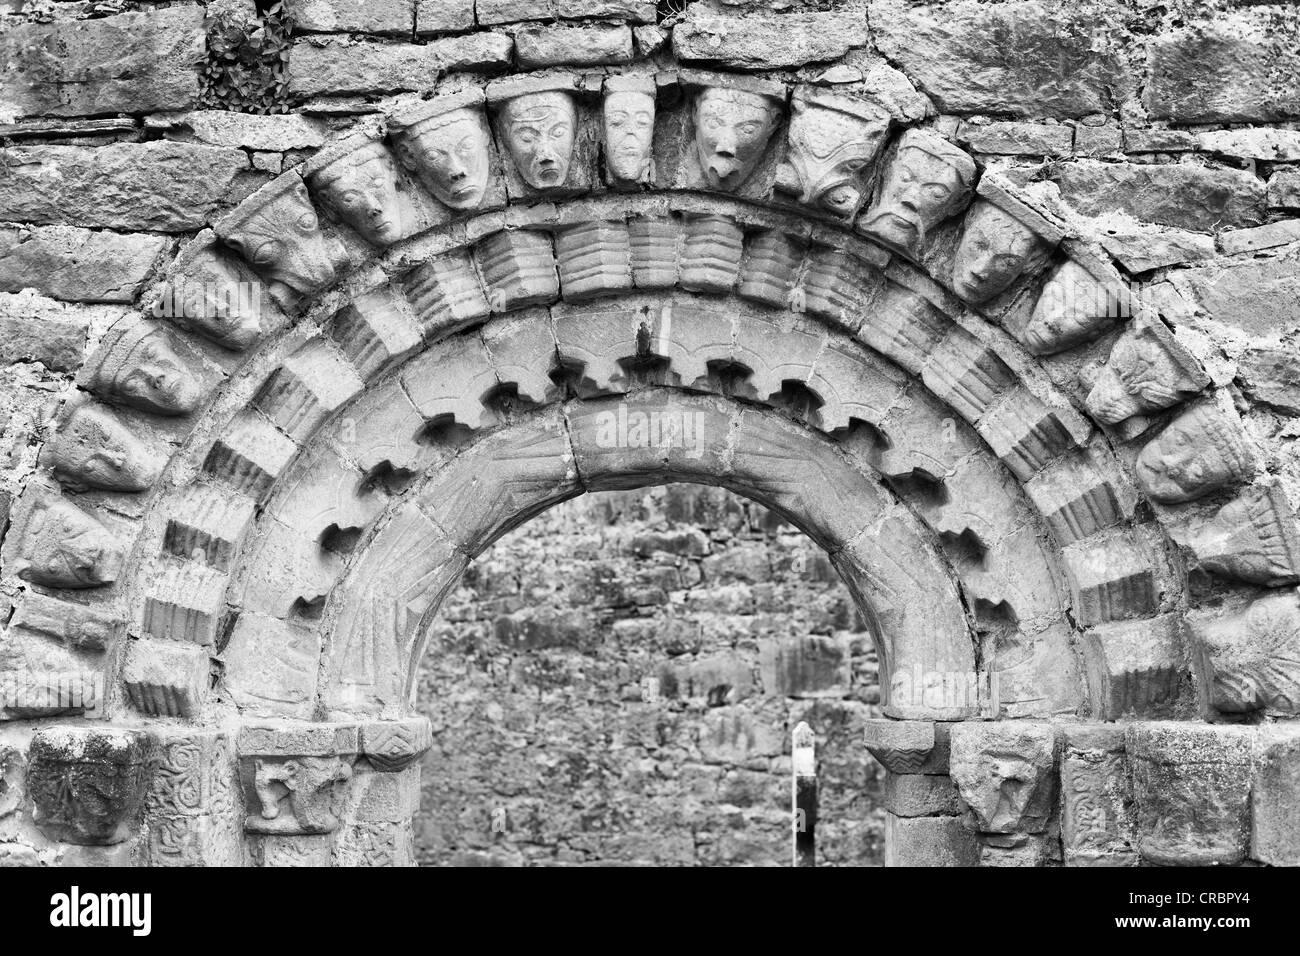 Portale con maschere umane, rovine della chiesa di Dysert O'Dea vicino Corofin, County Clare, Irlanda, Europa Immagini Stock